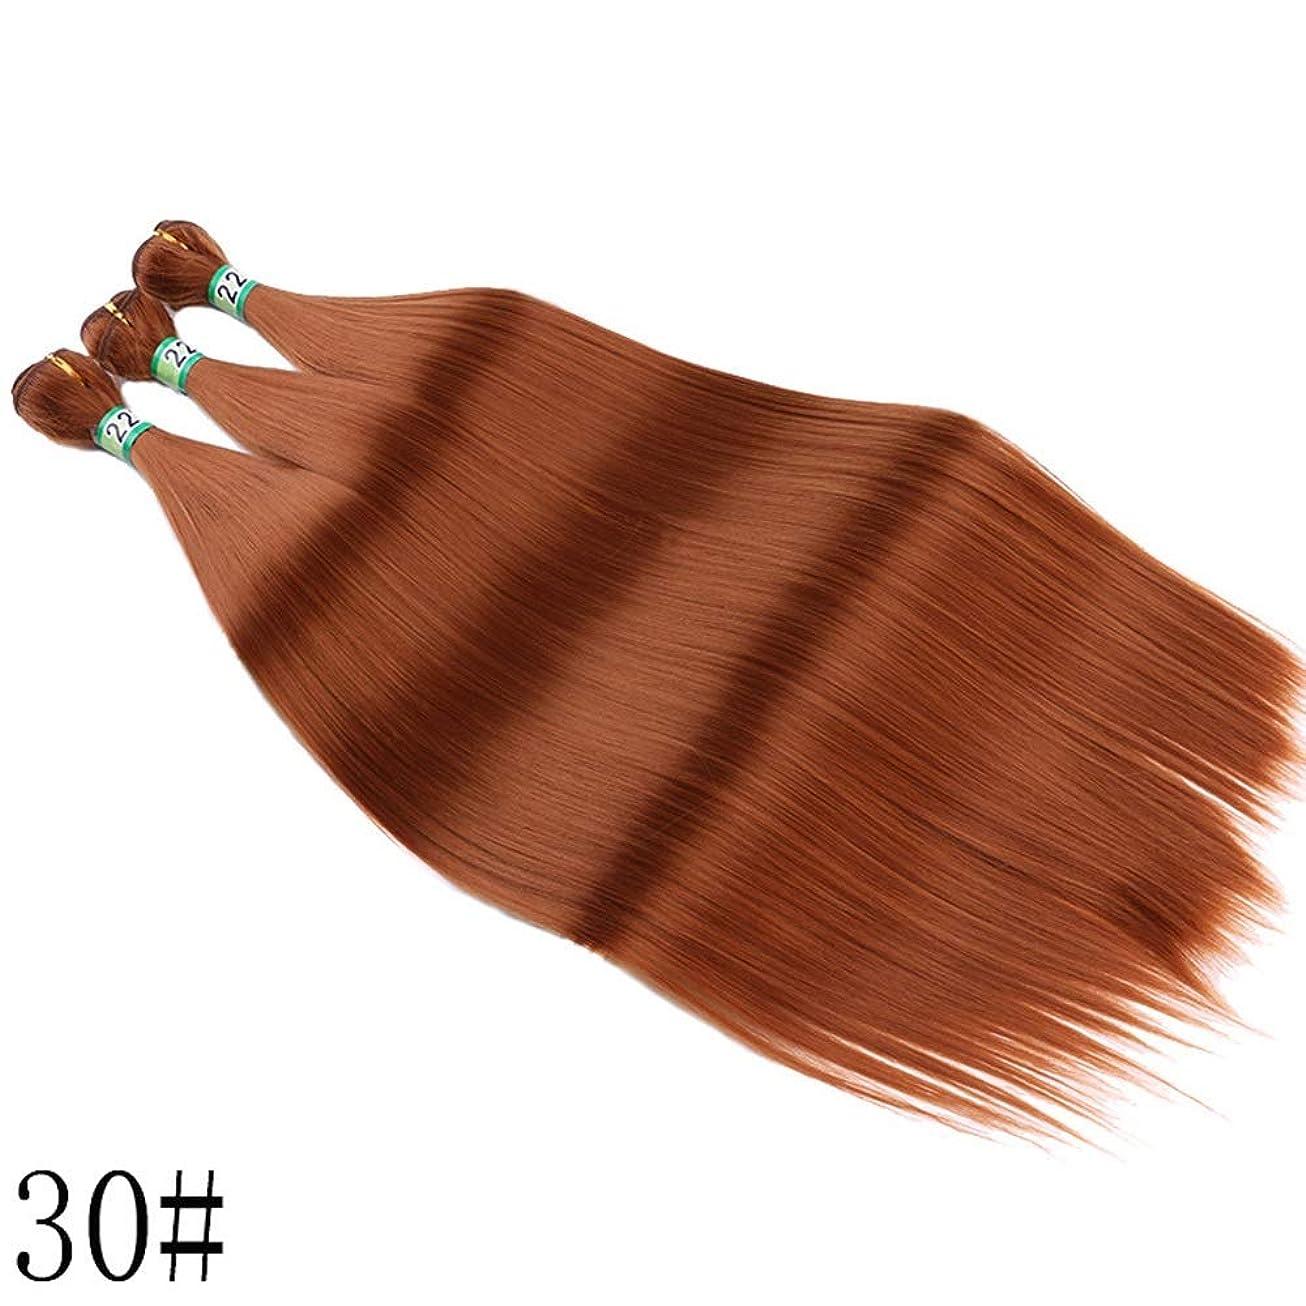 八百屋さん送料滑りやすいHOHYLLYA 3バンドル合成髪織りヘアエクステンション女性のための耐熱性繊維シルキーストレートヘアコンポジットヘアレースかつらロールプレイングウィッグロングとショート女性自然 (色 : ブラウン, サイズ : 14inch)